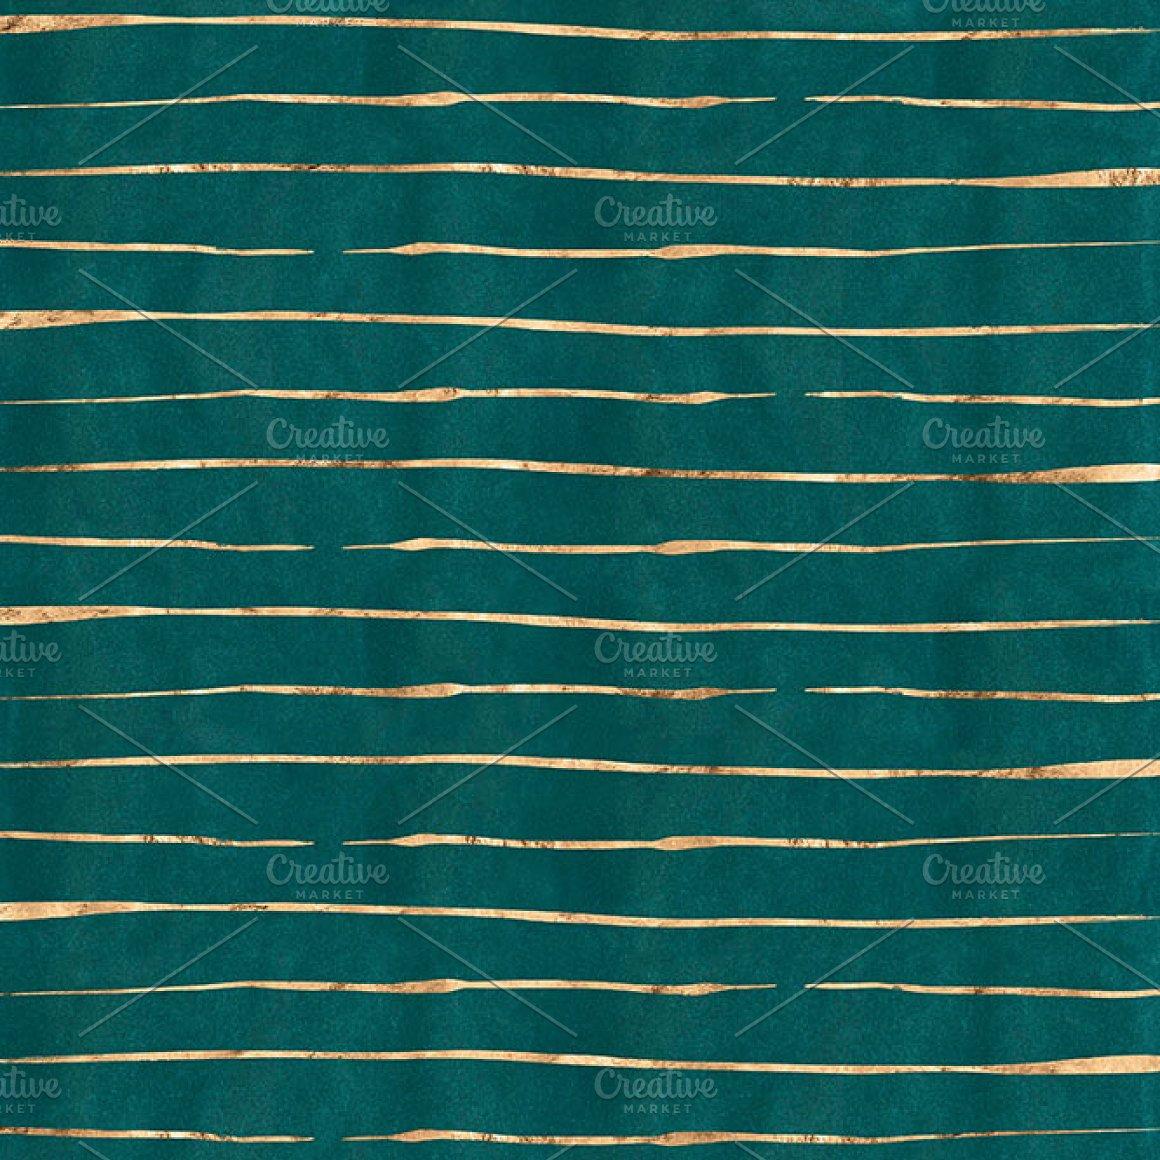 12款复古金箔水彩皮革木材纹理背景图片设计素材 Burnished Gold Patterns & Textures插图5